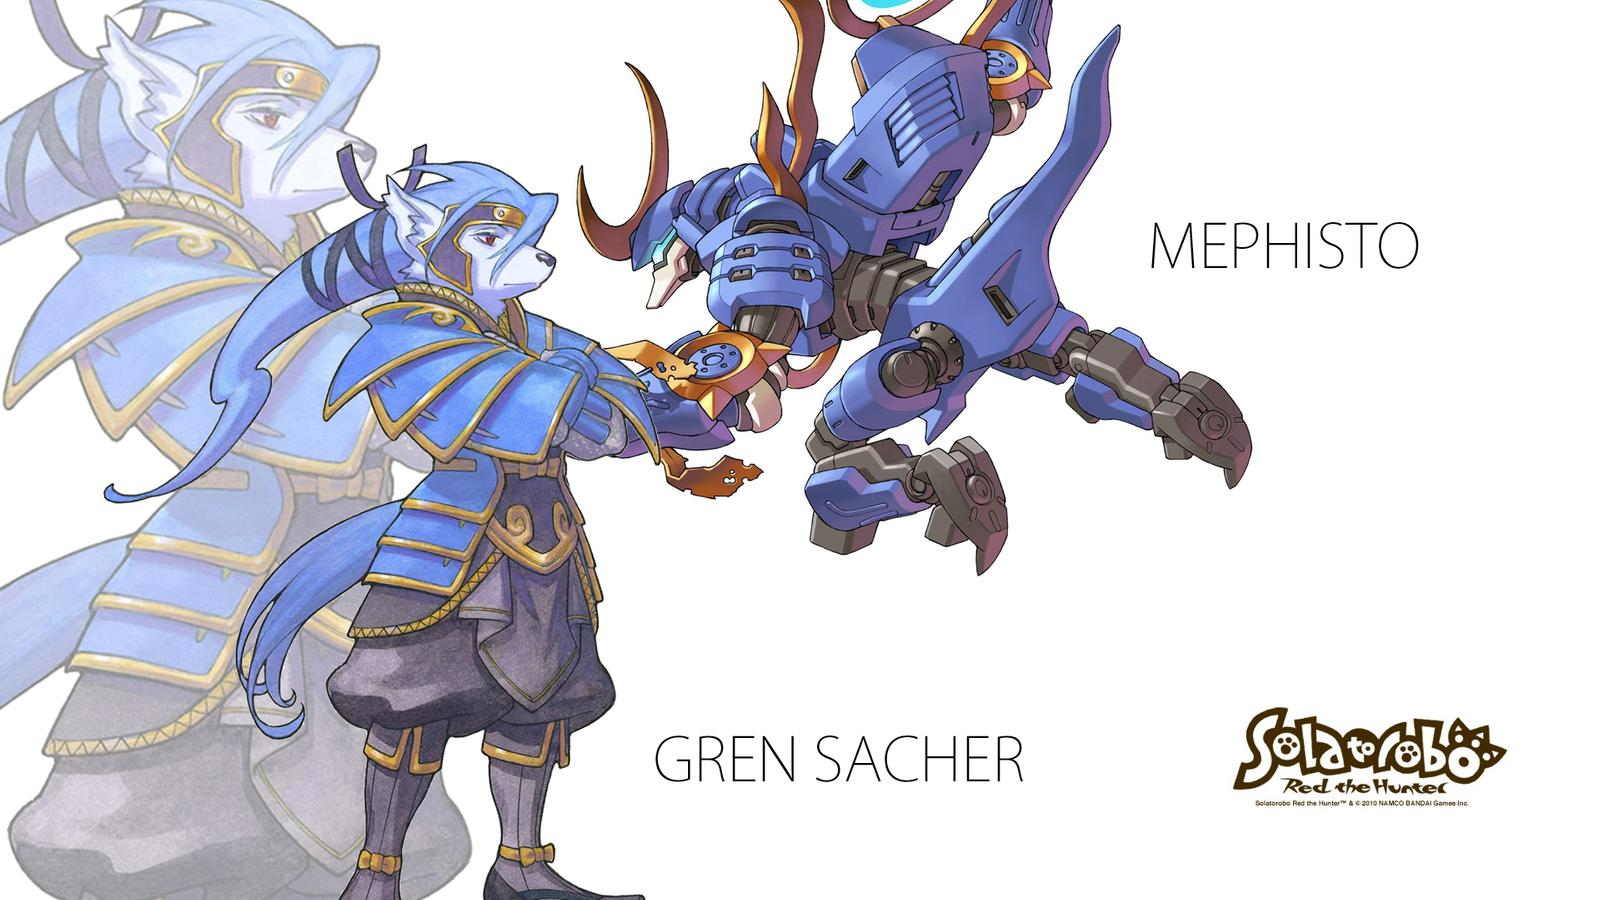 Gren Sacher Wallpaper by Komi Kitsune 1600x900